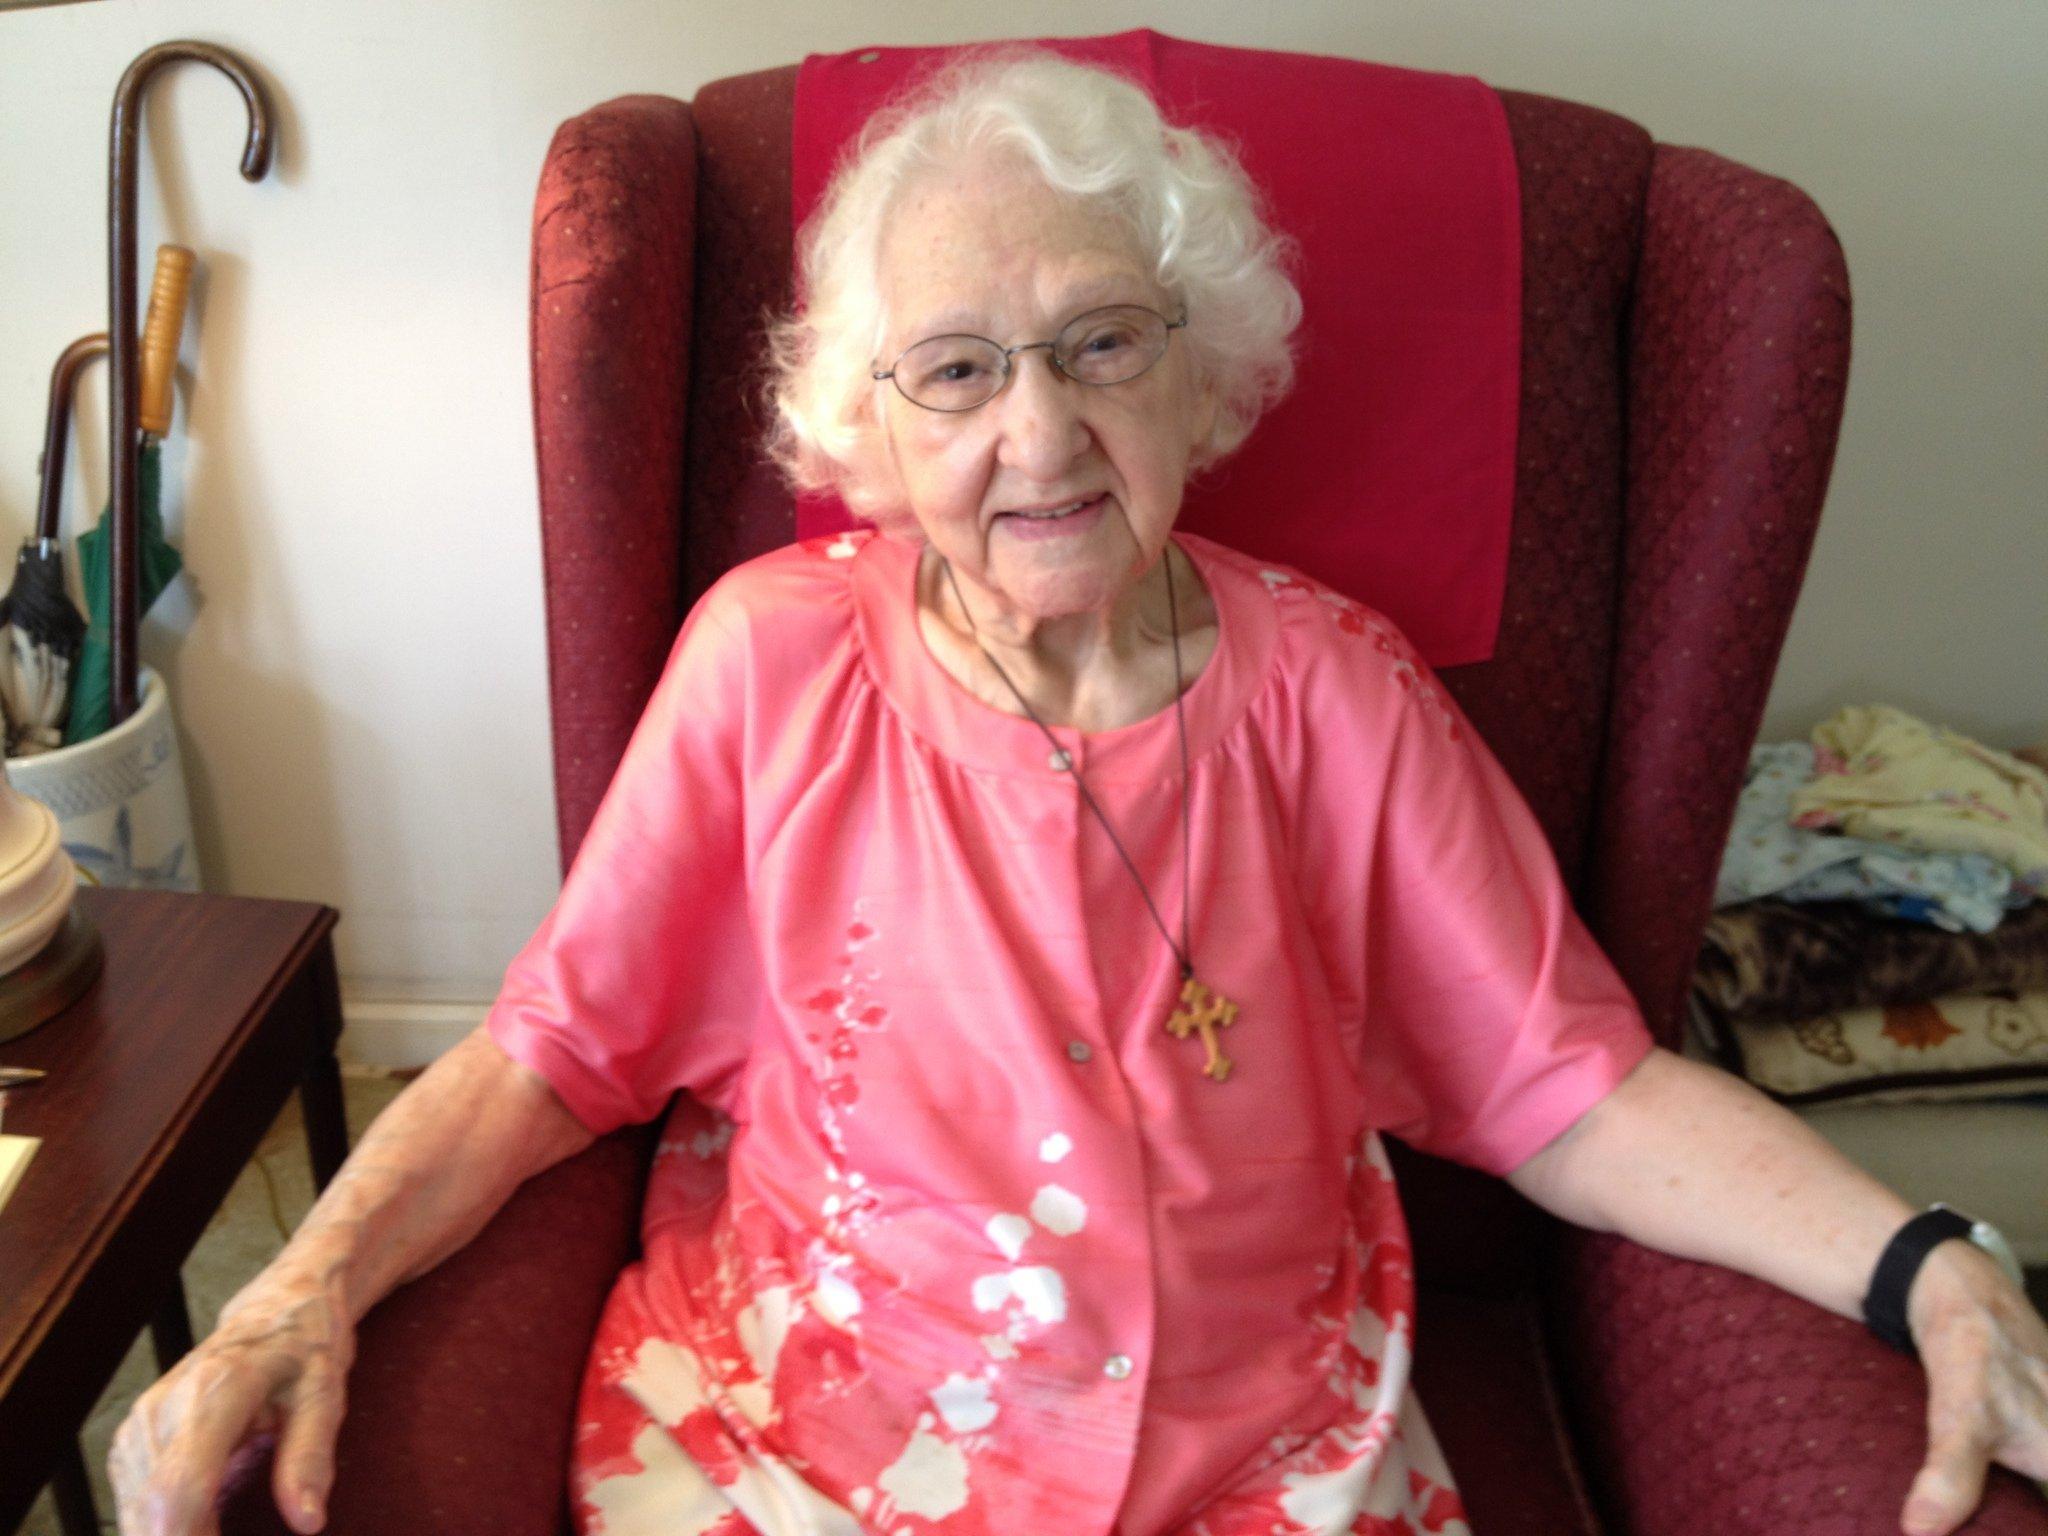 Столетницата Дороти Райли от Дептфорд, Великобритания твърди, че бастунът й все още е само за украса.